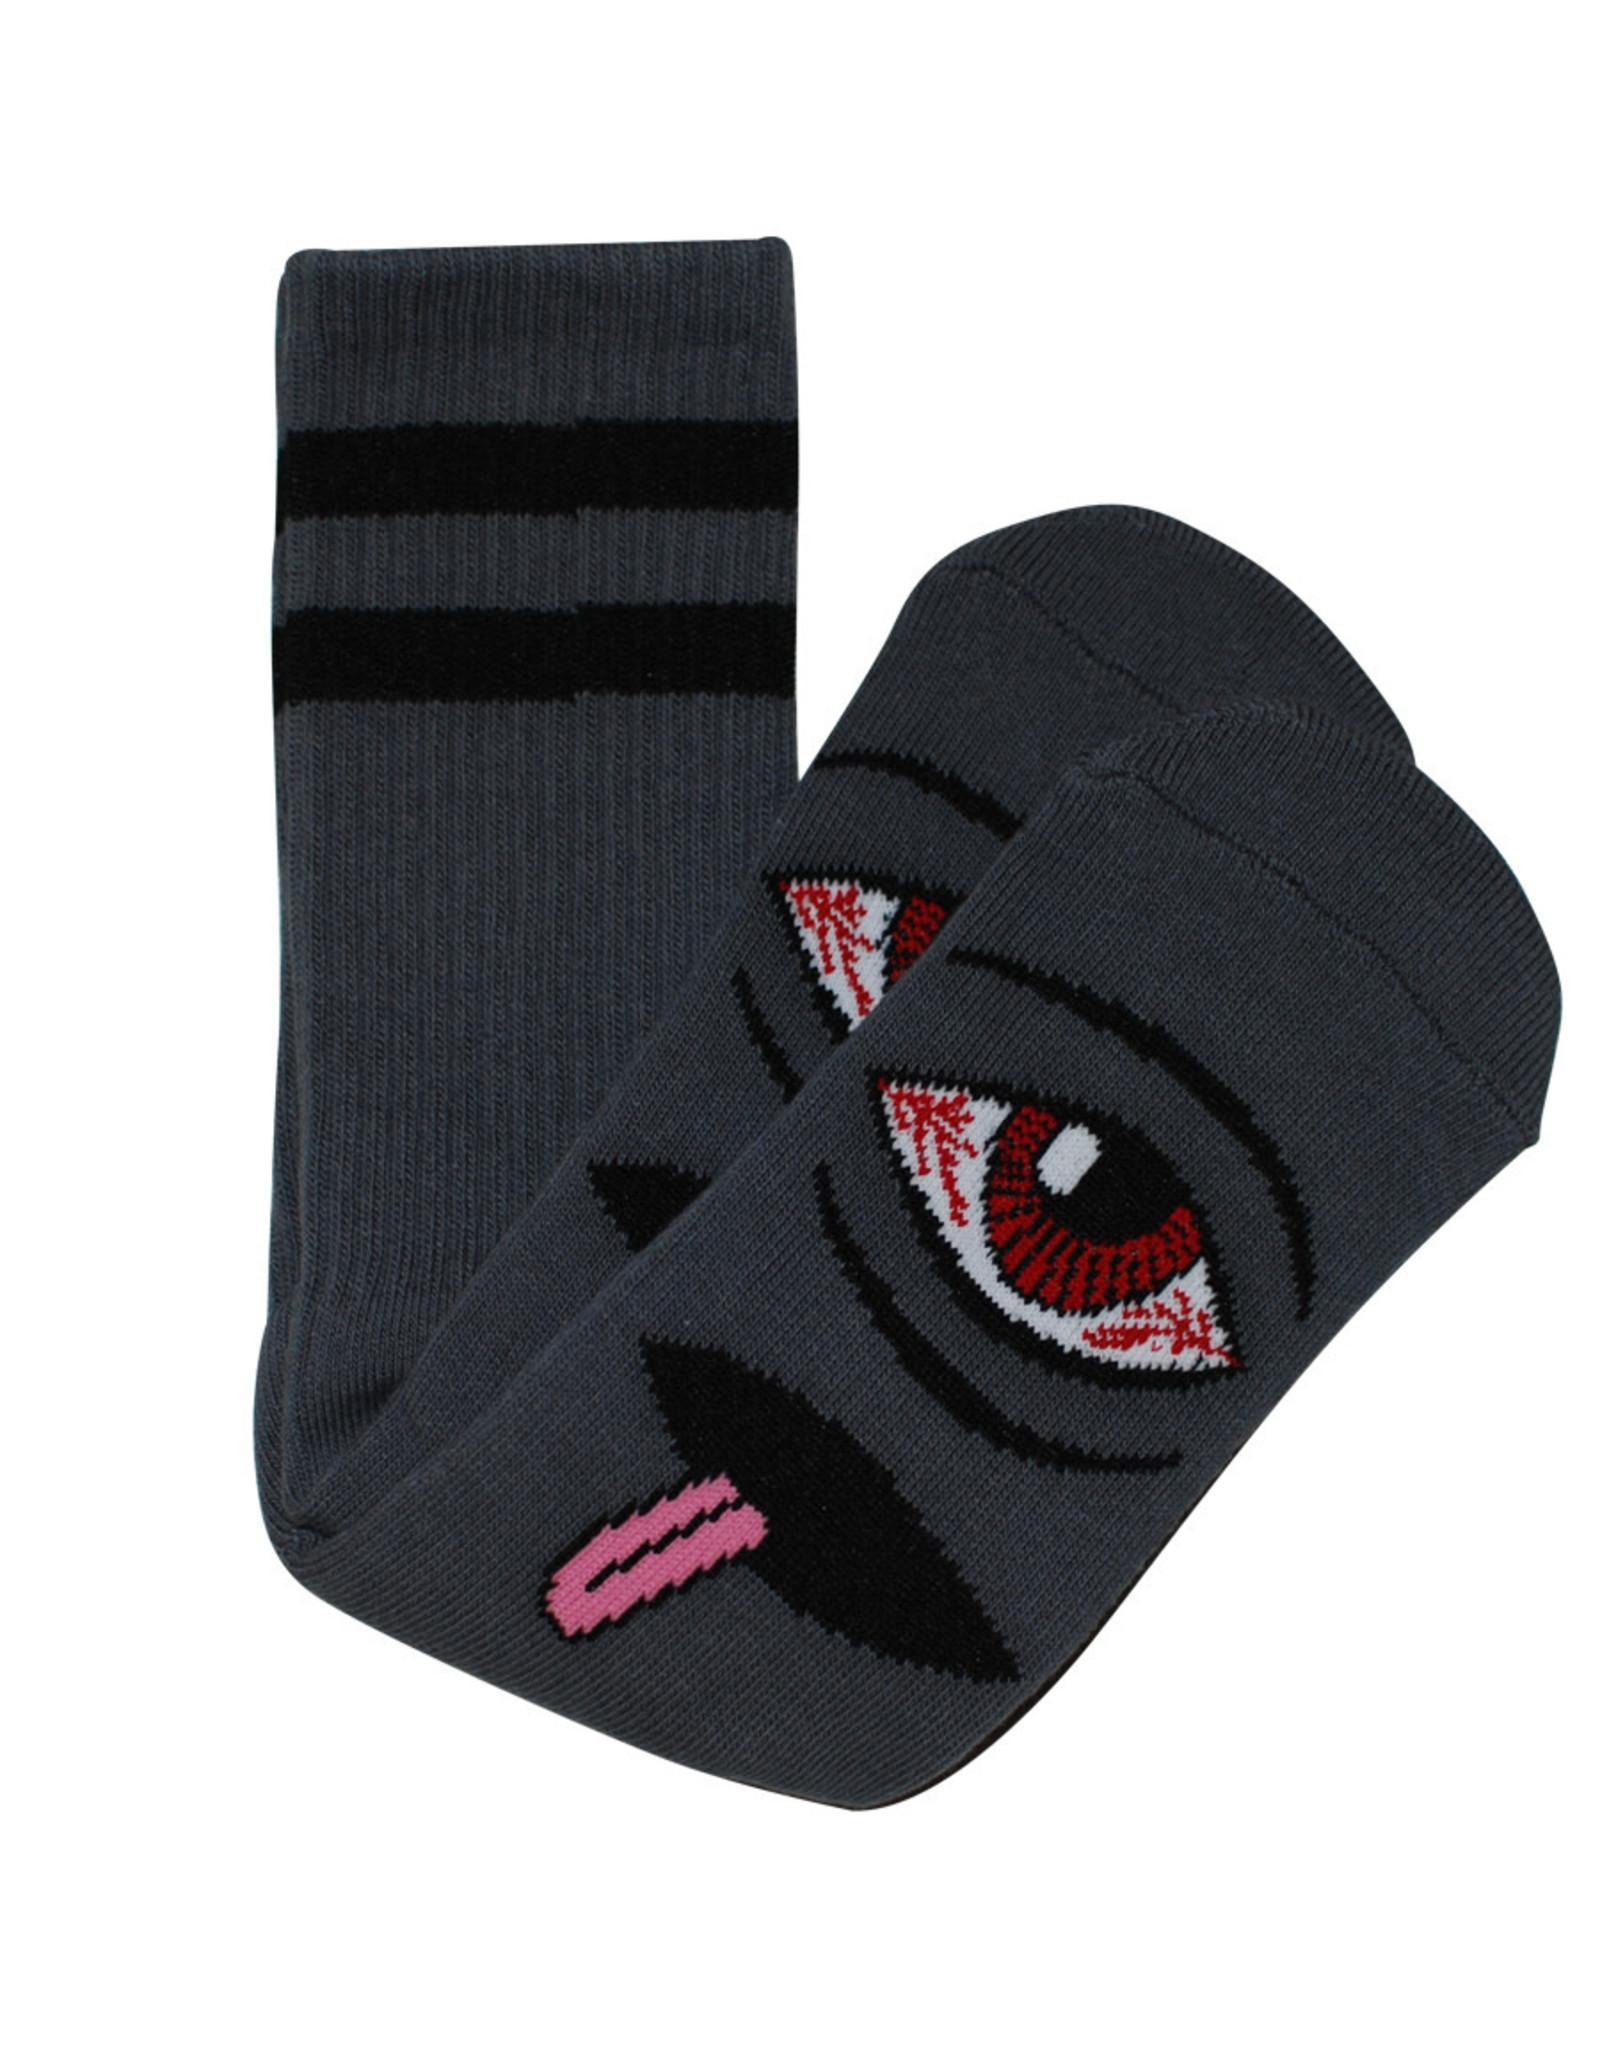 Toy Machine Toy Machine Socks Bloodshot Eye Crew (Black)